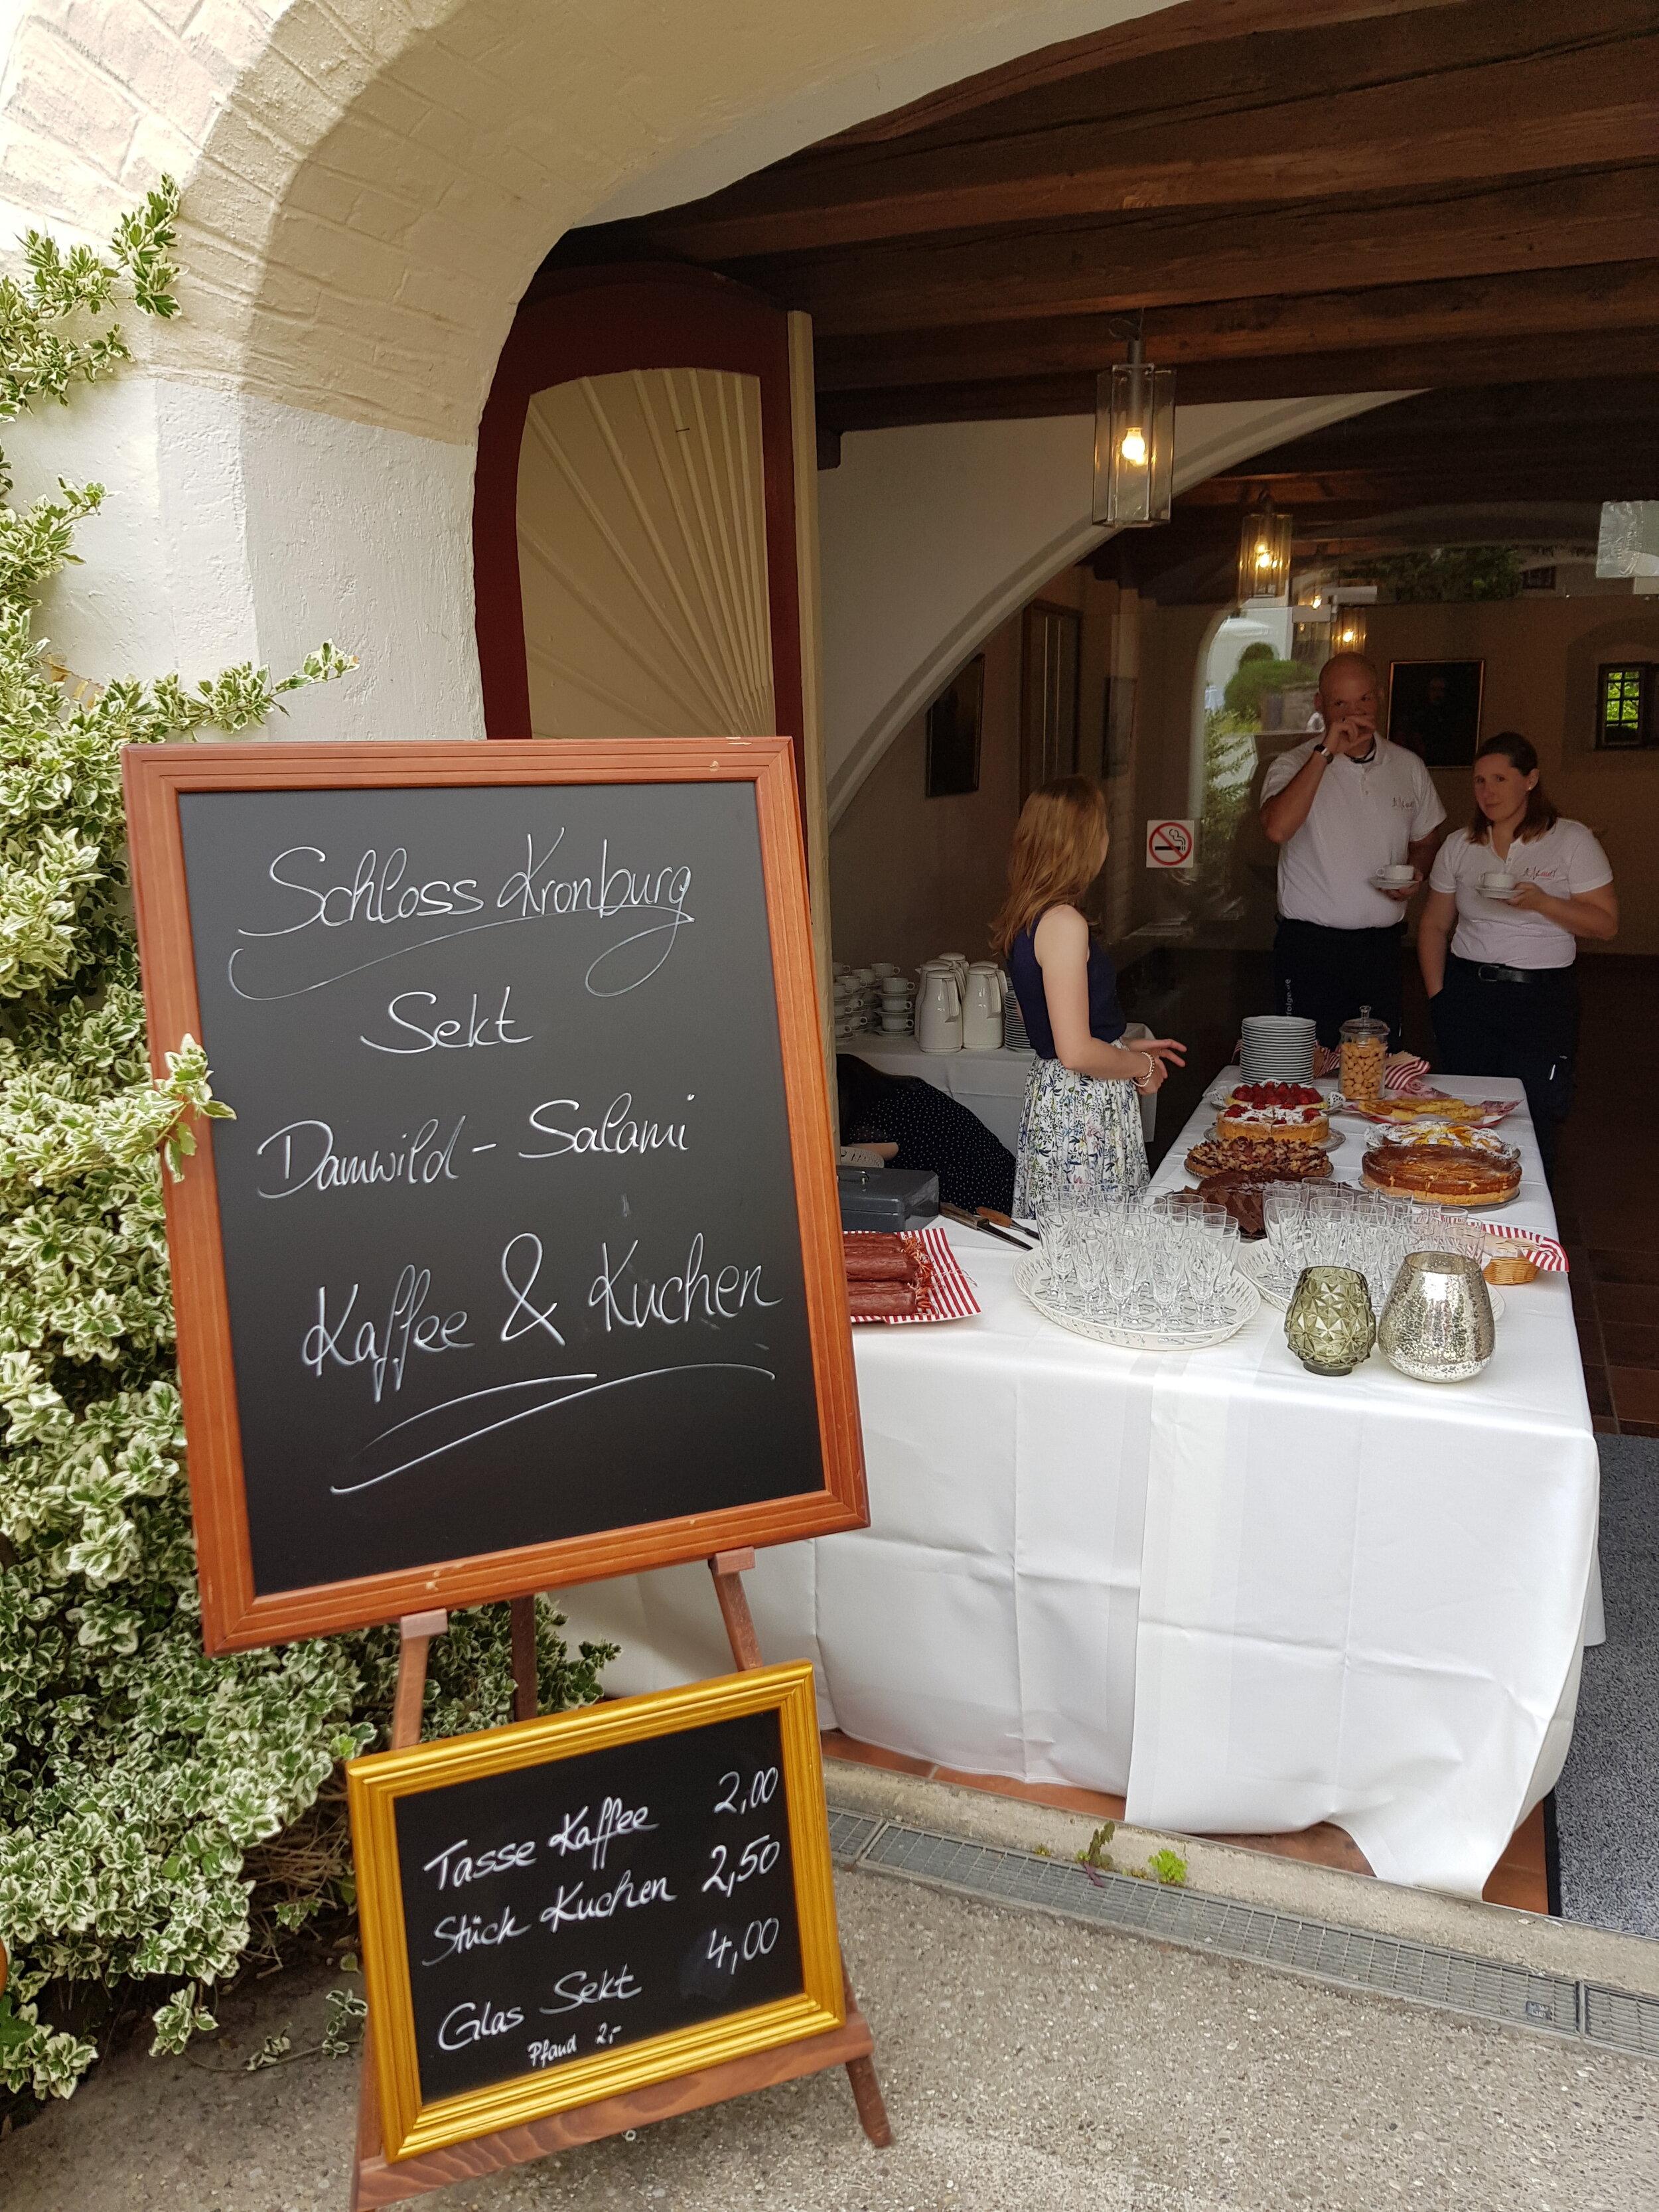 Schloss-Stand am Tag d. offenen Tür